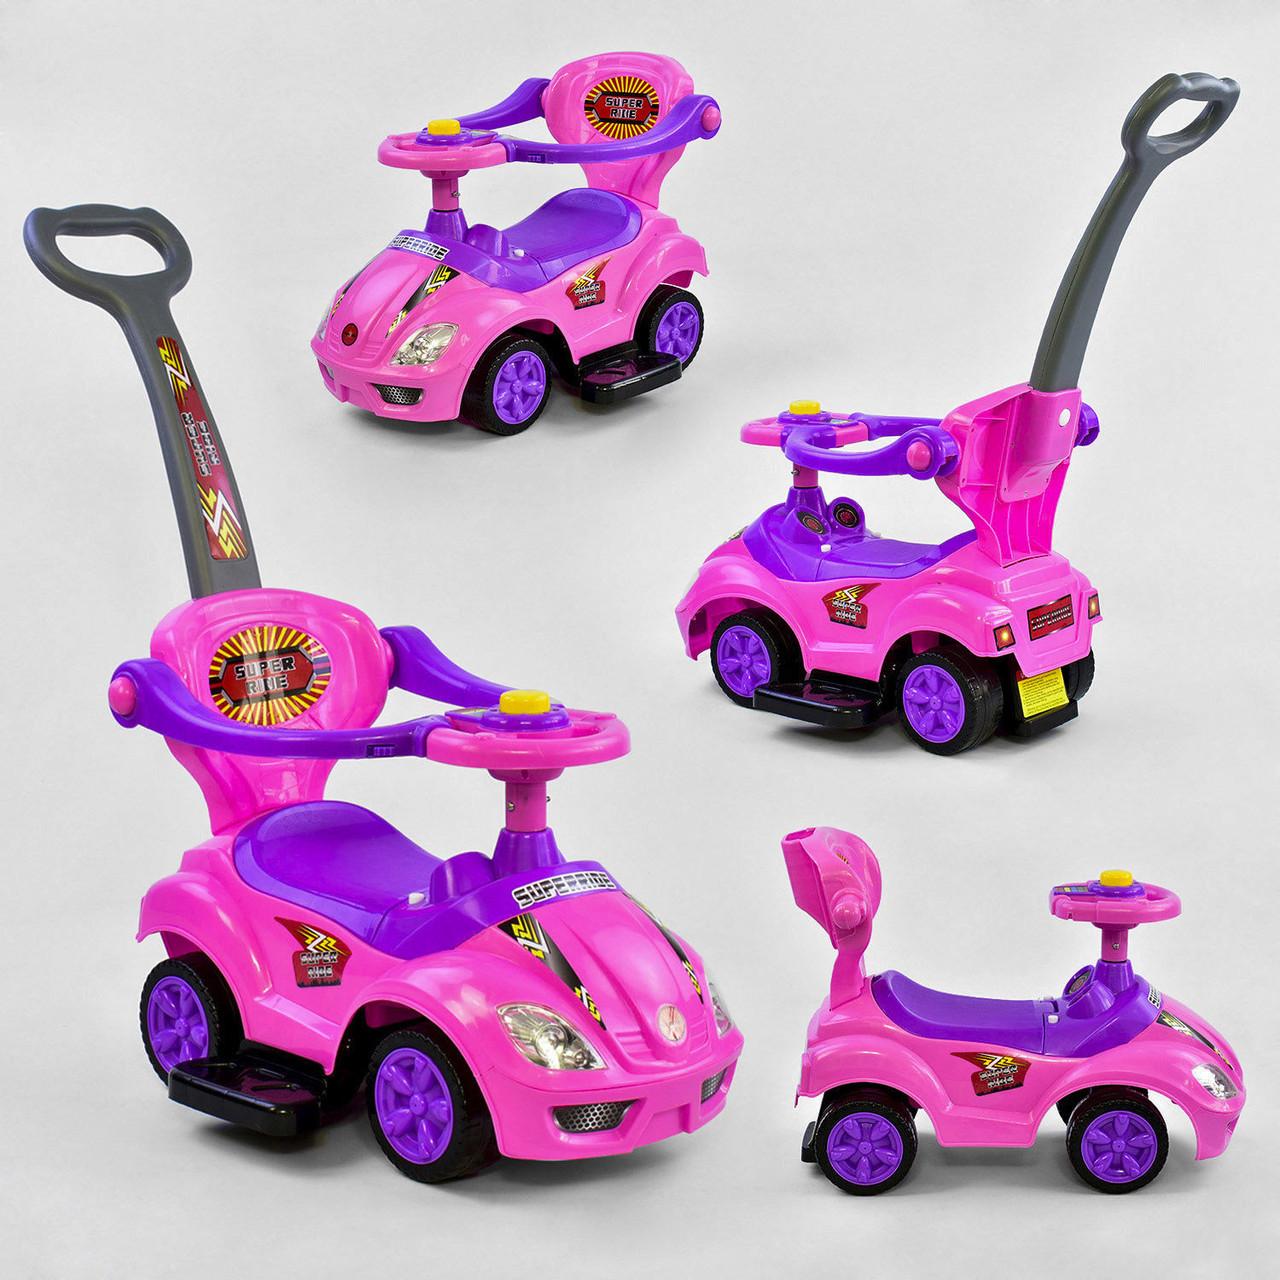 Каталка-толокар 3545 - Р Розовый с родительской ручкой Гарантия качества Быстрая доставка